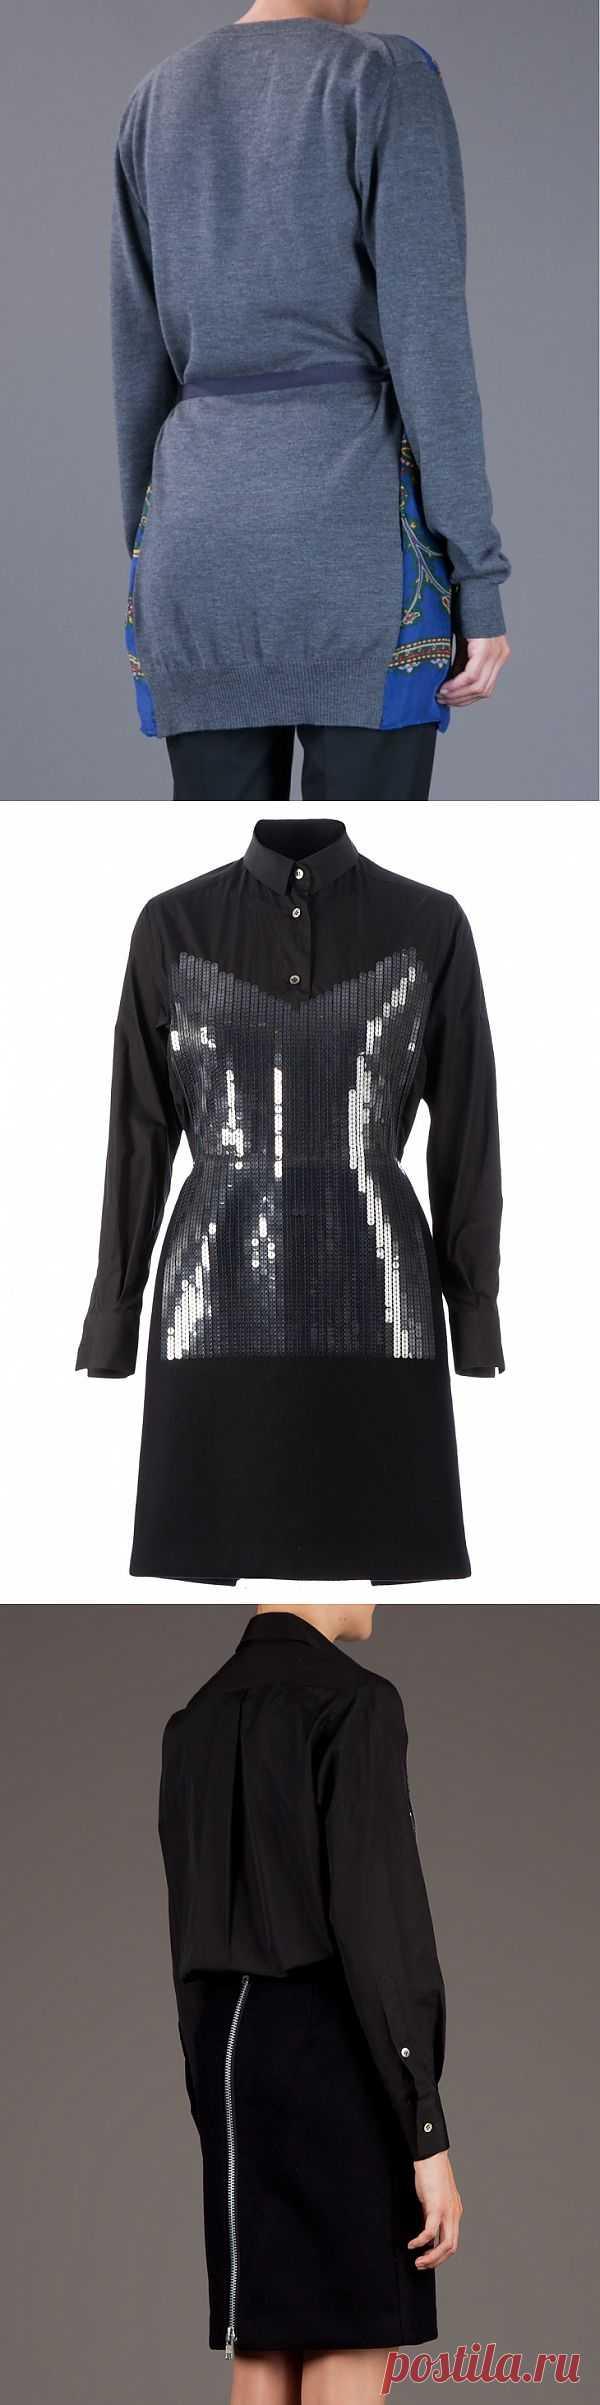 Платки + кофты = идеи от Sacai (подборка) / Дизайнеры / Модный сайт о стильной переделке одежды и интерьера